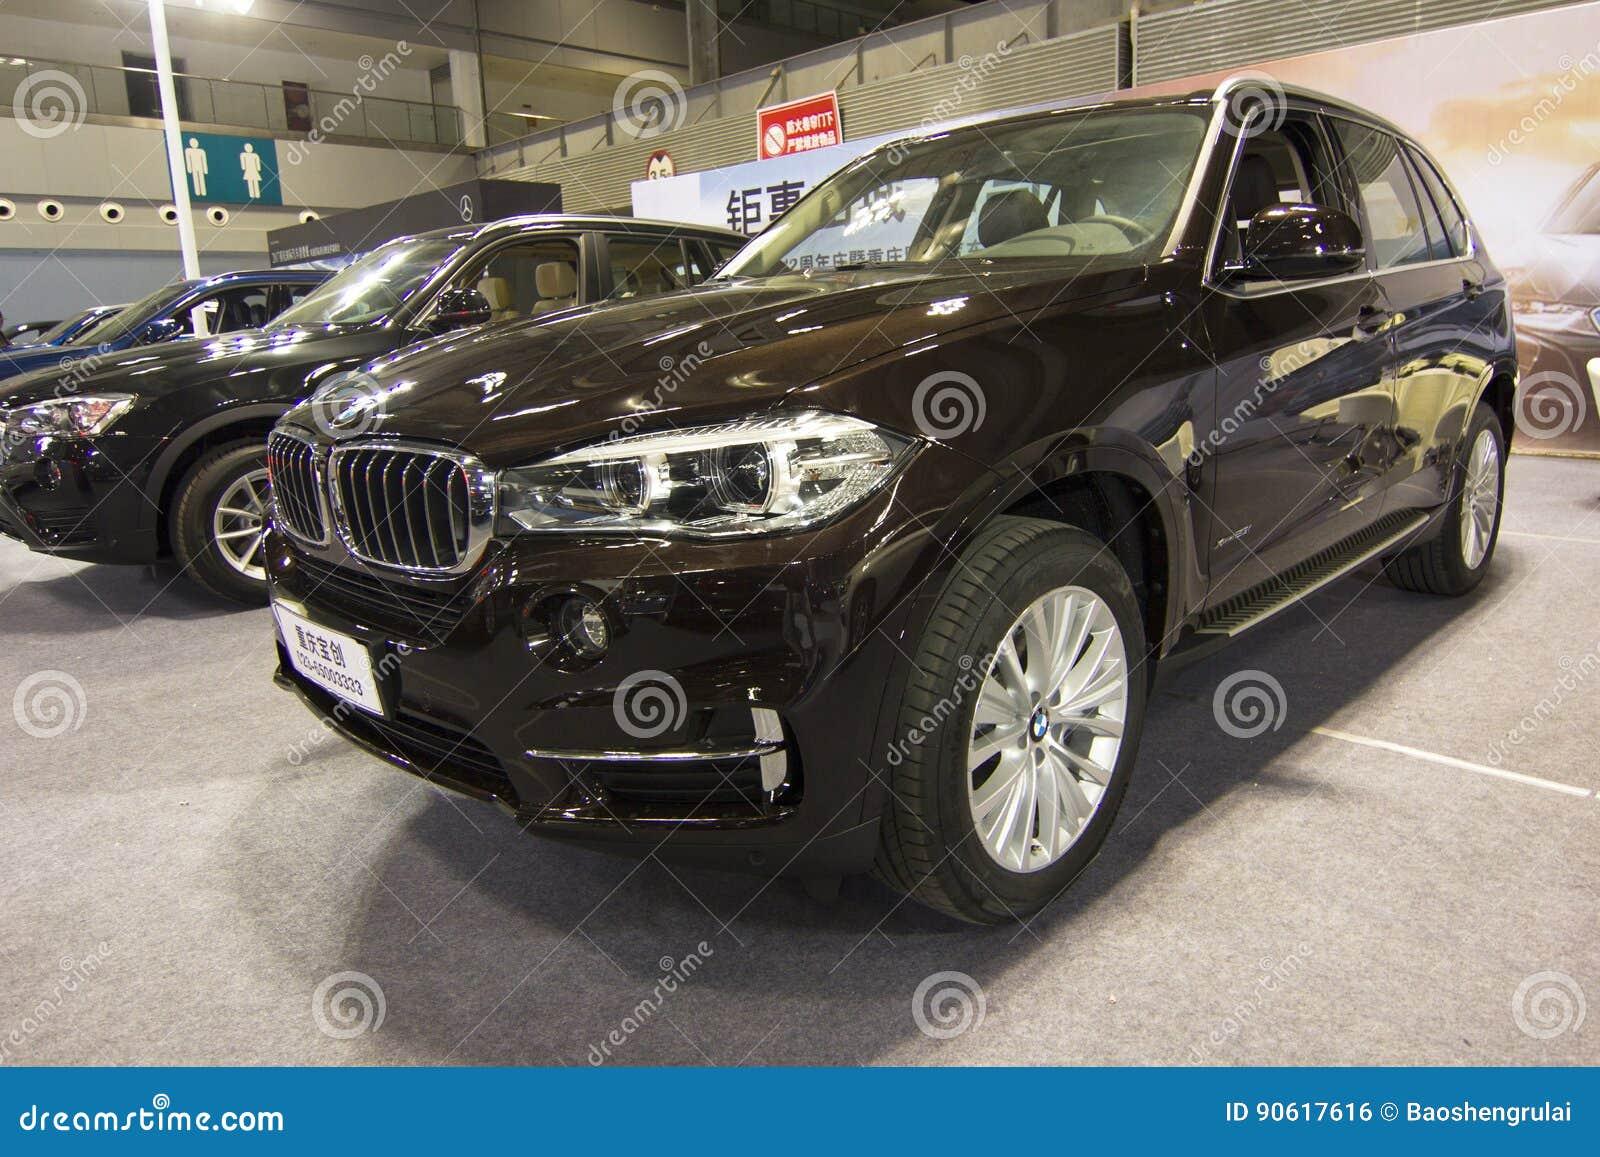 Auto show — BMW X5